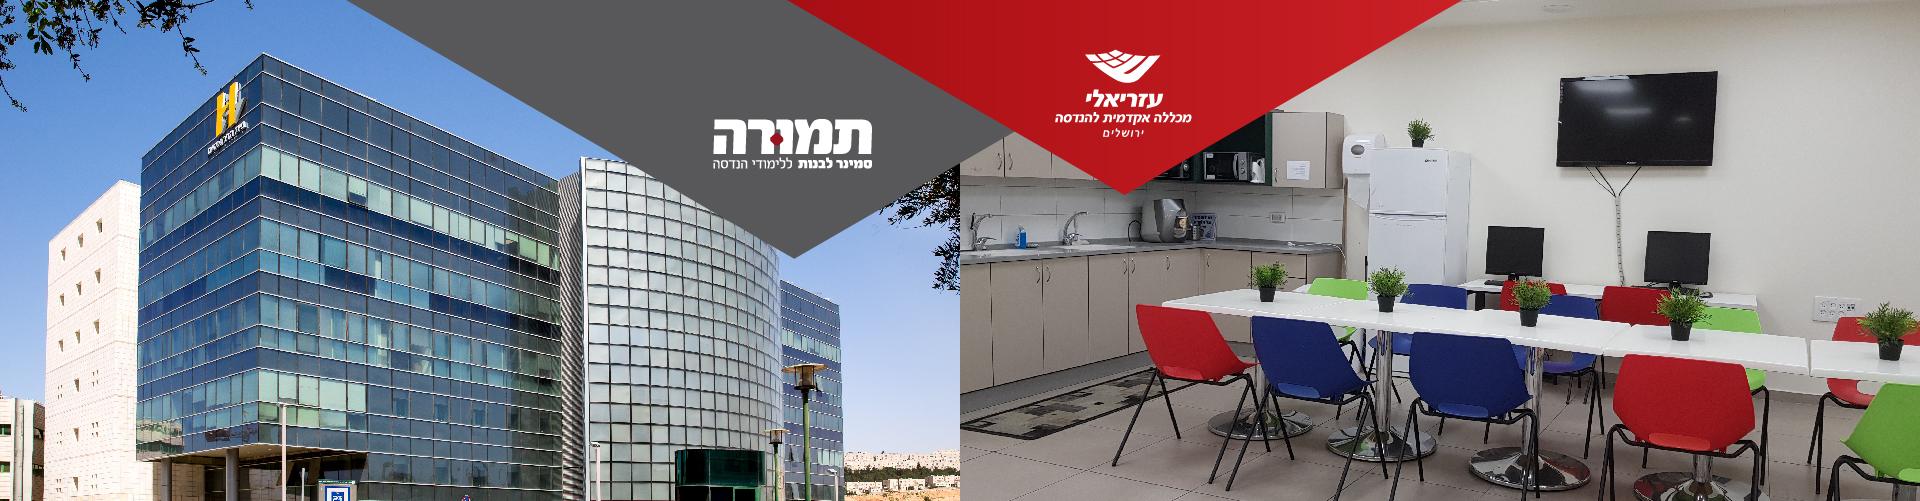 סמינר תמורה – עזריאלי מכללה אקדמית להנדסה ירושלים, הסמינר המוביל ללימודי הנדסה והייטק לבנות המגזר החרדי